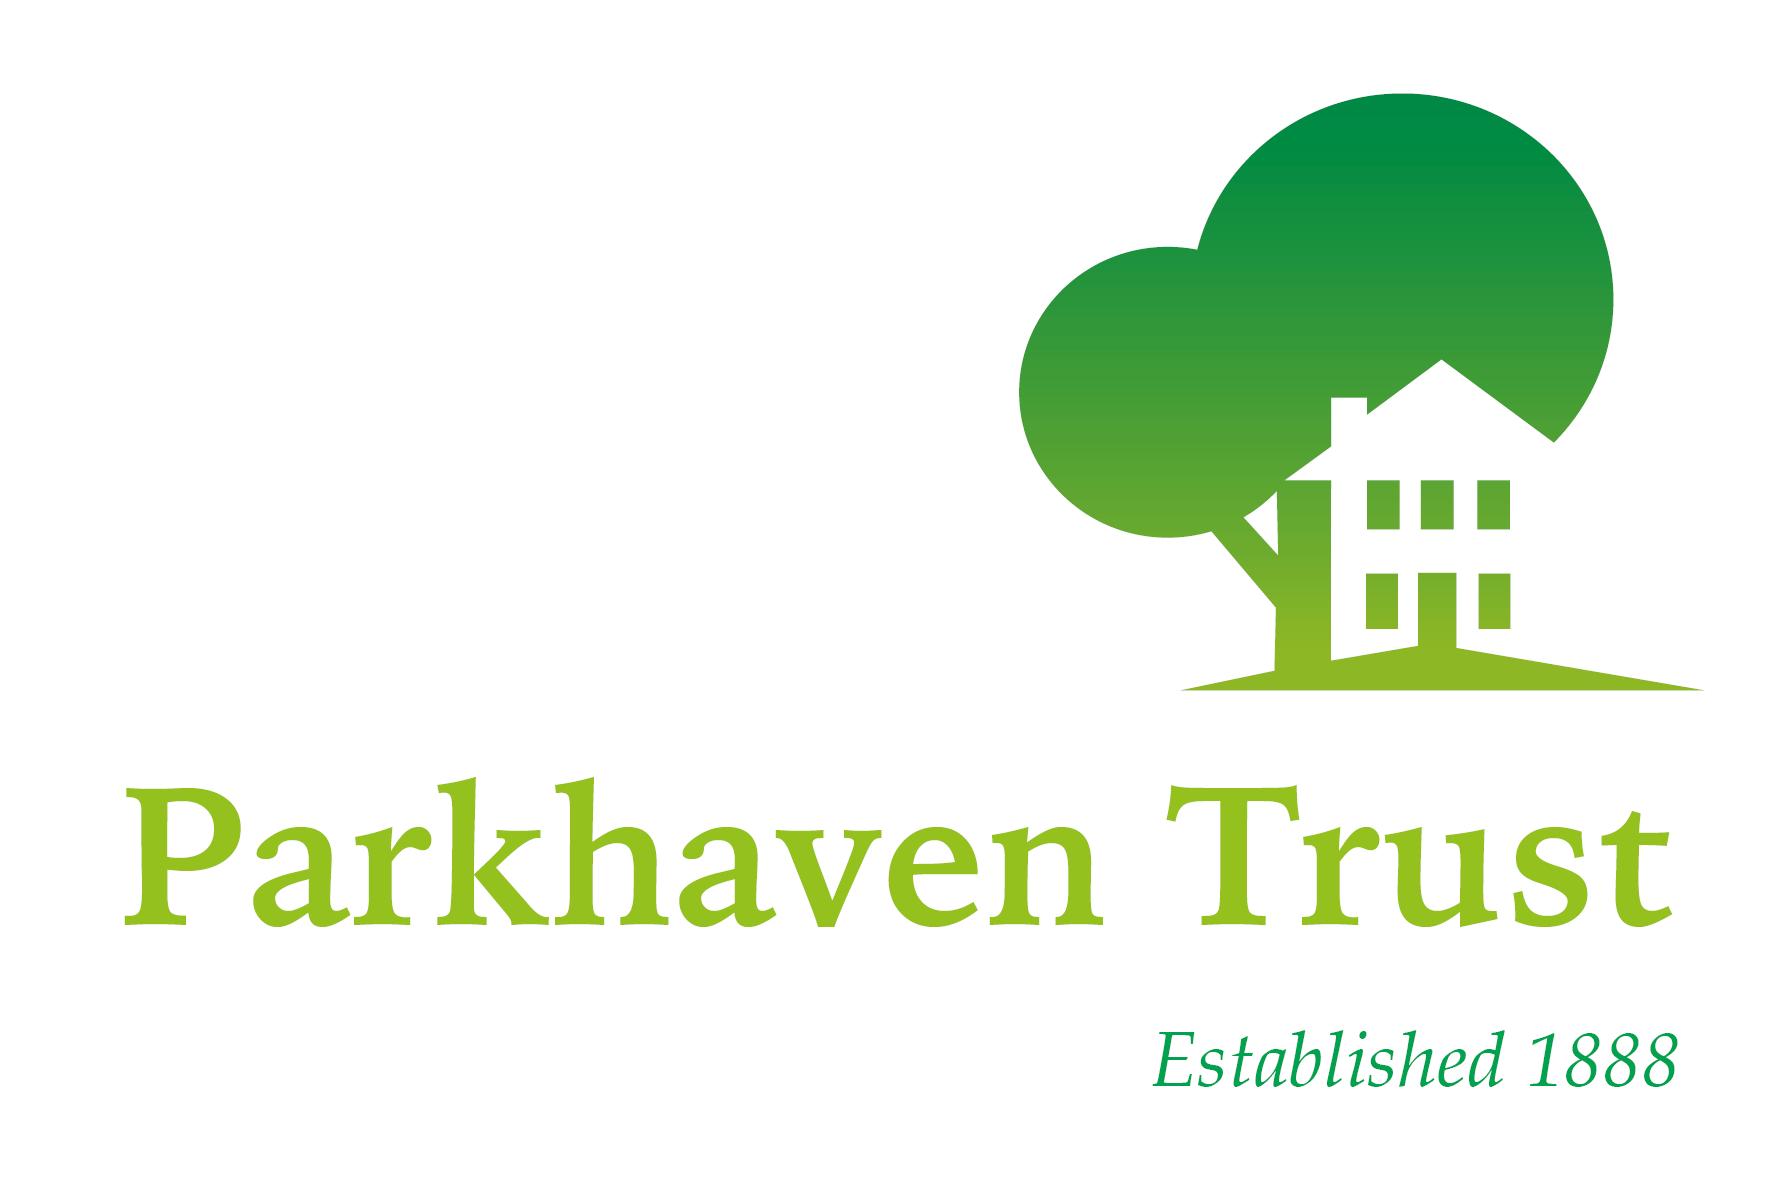 ParkhavenTrust